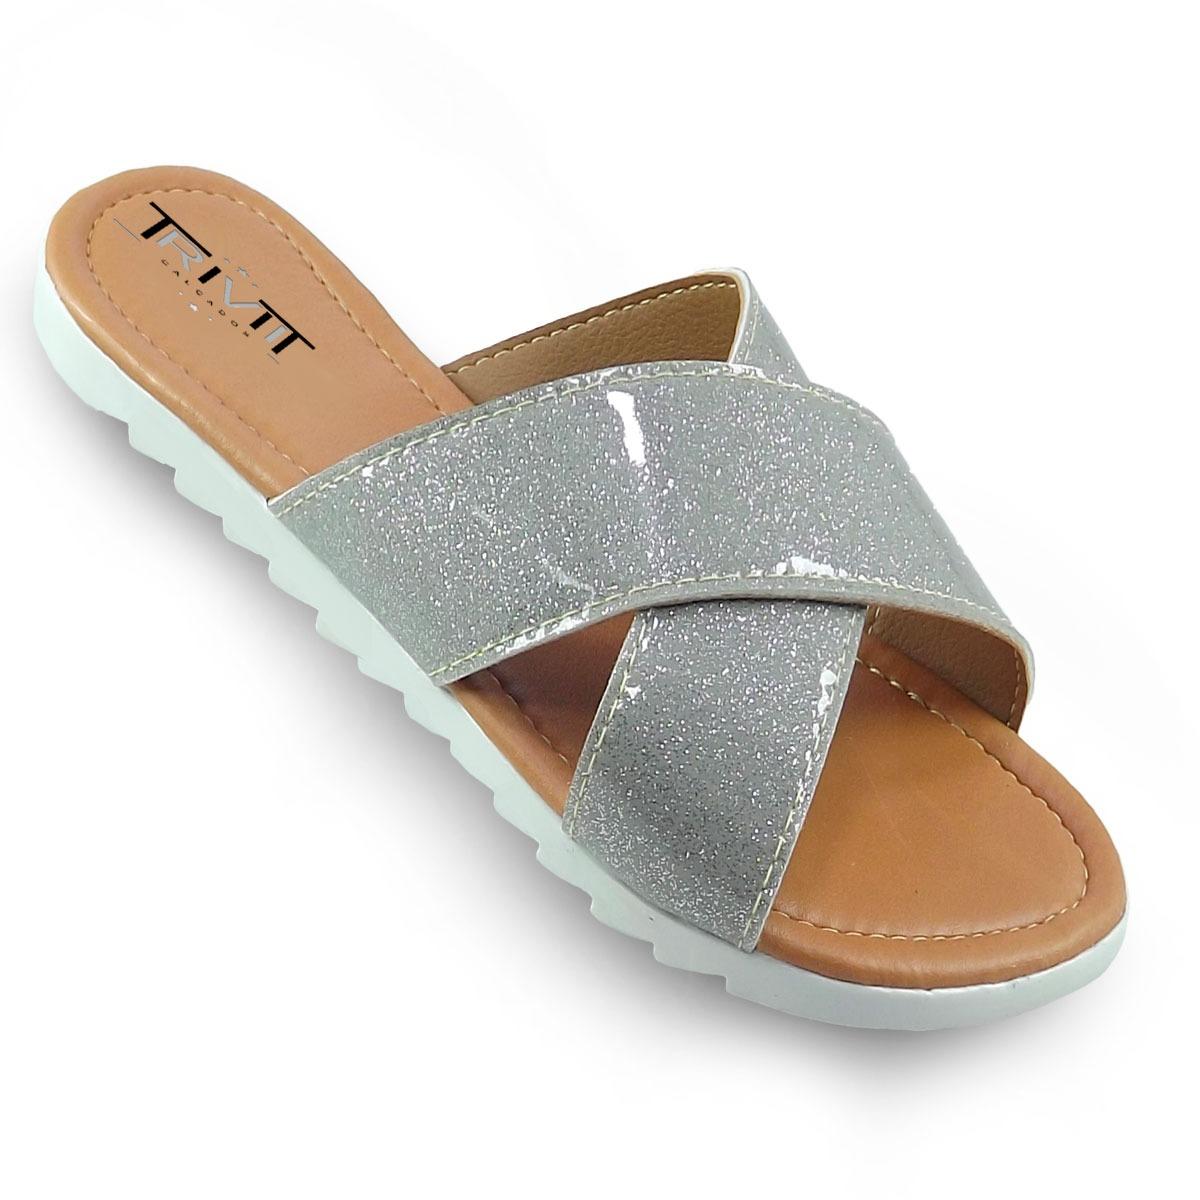 88e74e57a8 sandalia feminina rasteira rasteirinha tratorada da moda. Carregando zoom.